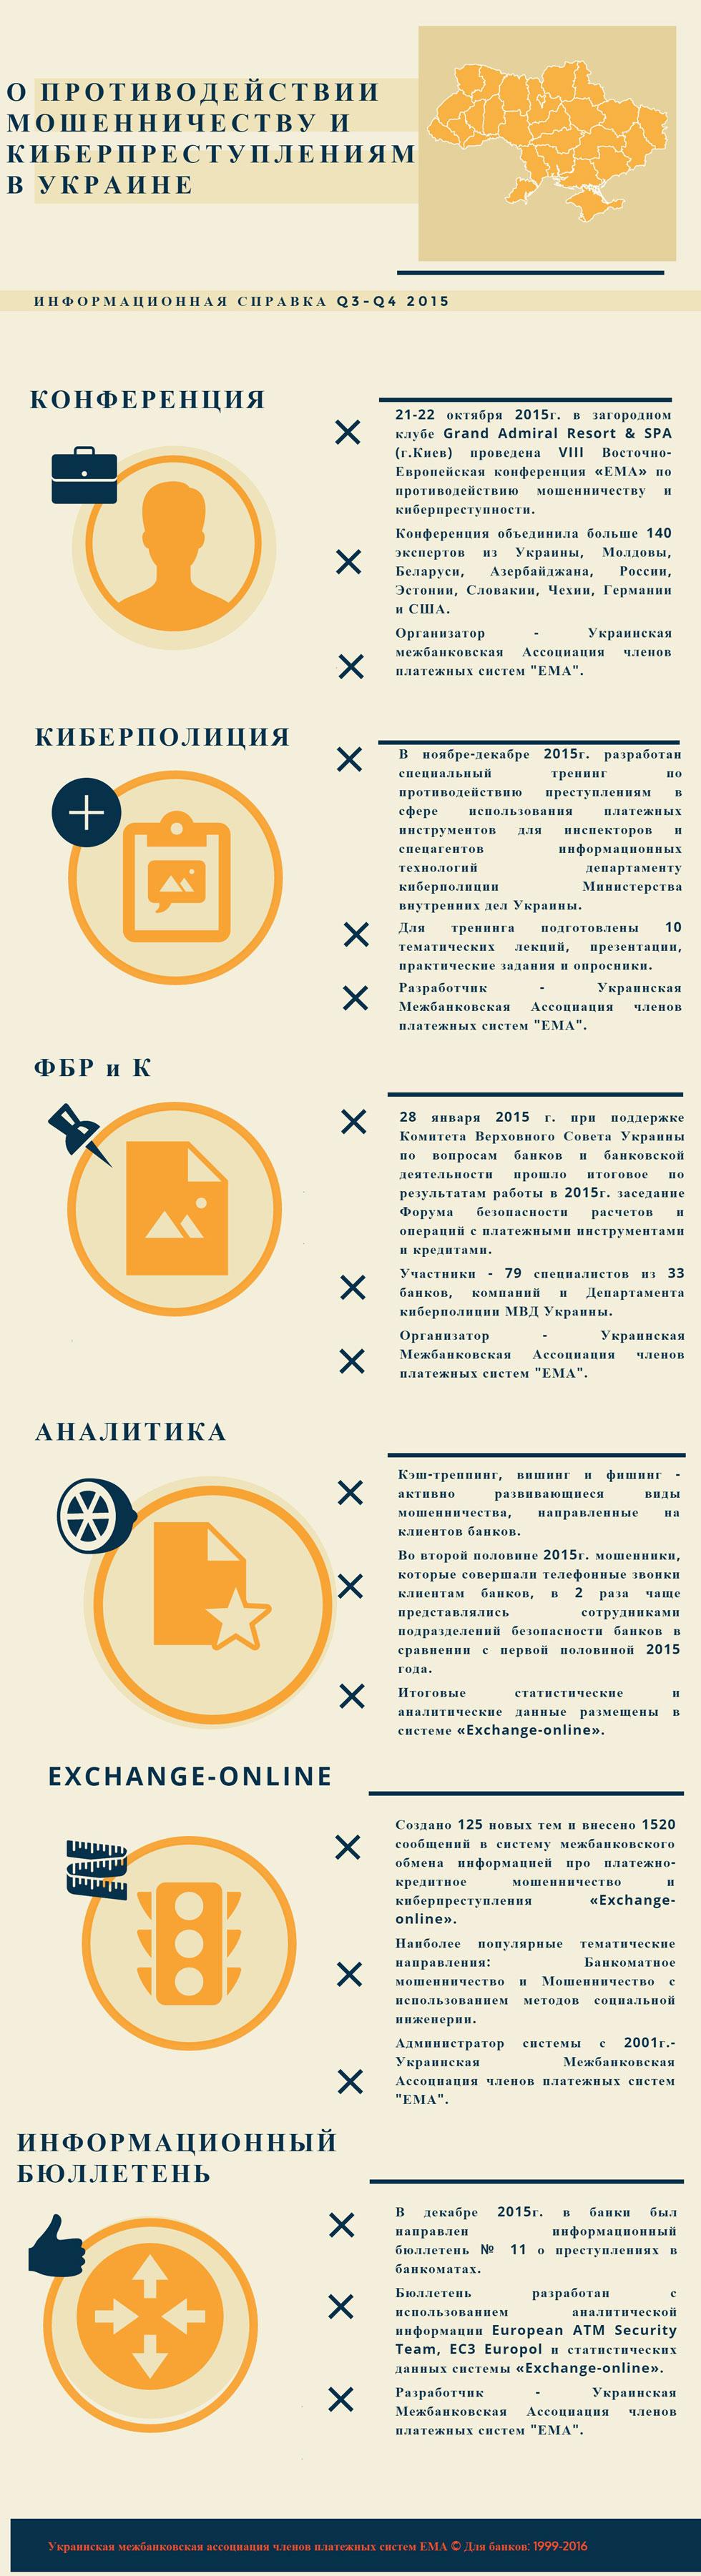 Противодействие платежному мошенничеству в Украине в 3 и 4 кварталах 2015